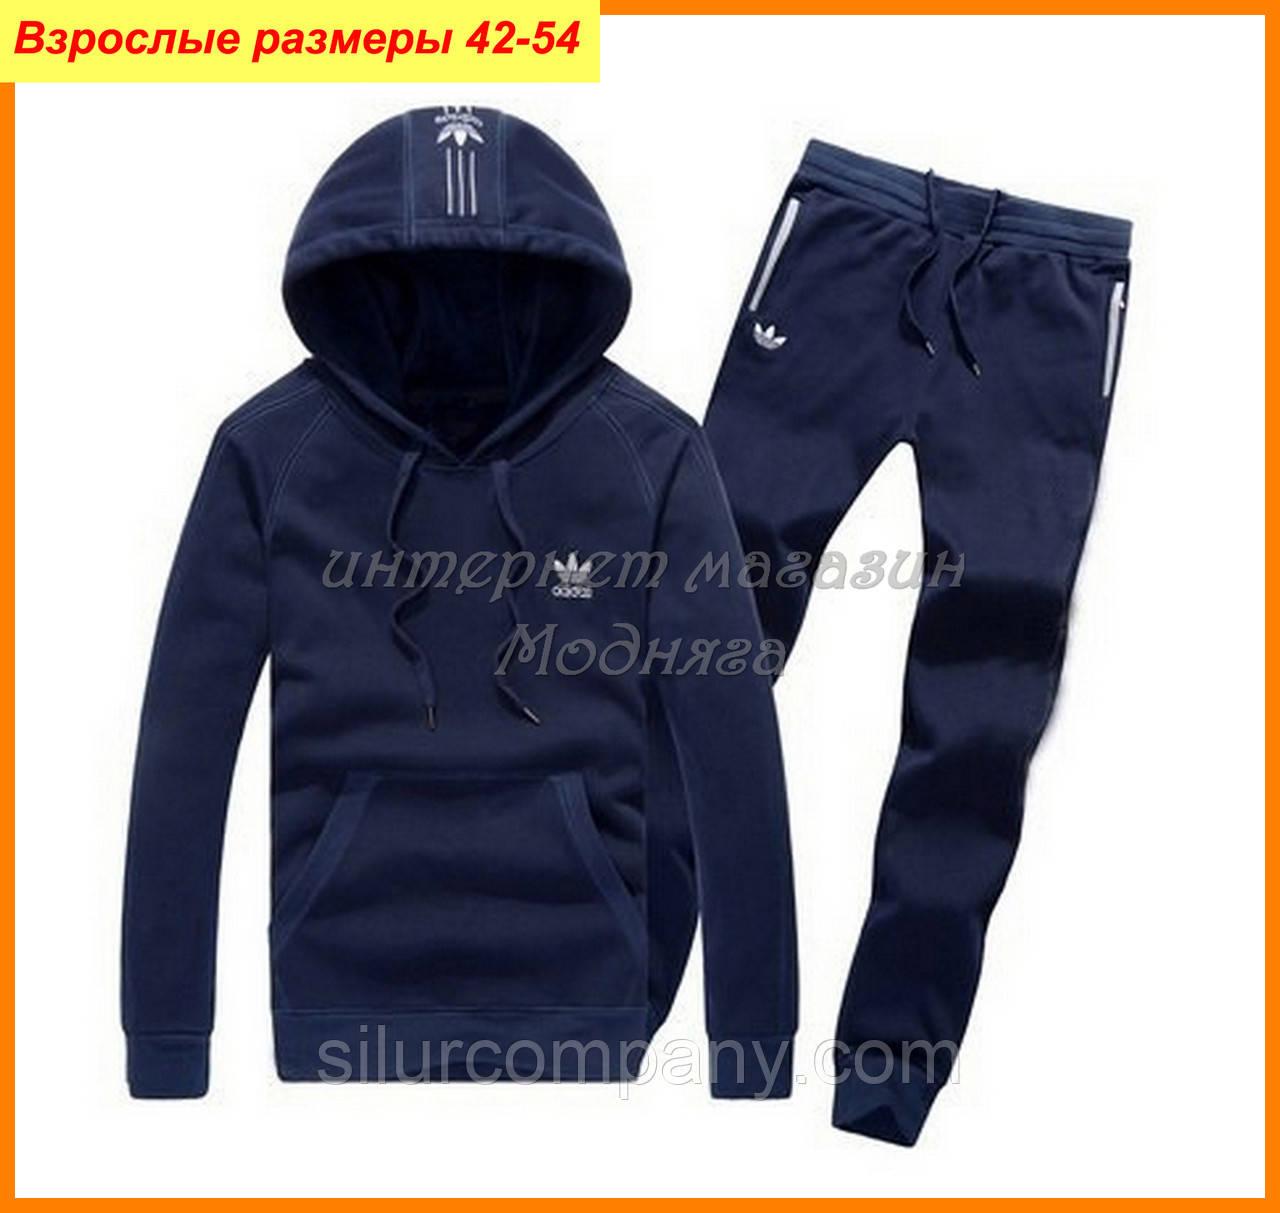 5e399544 Адидас магазин спортивные костюмы мужские - Интернет магазин